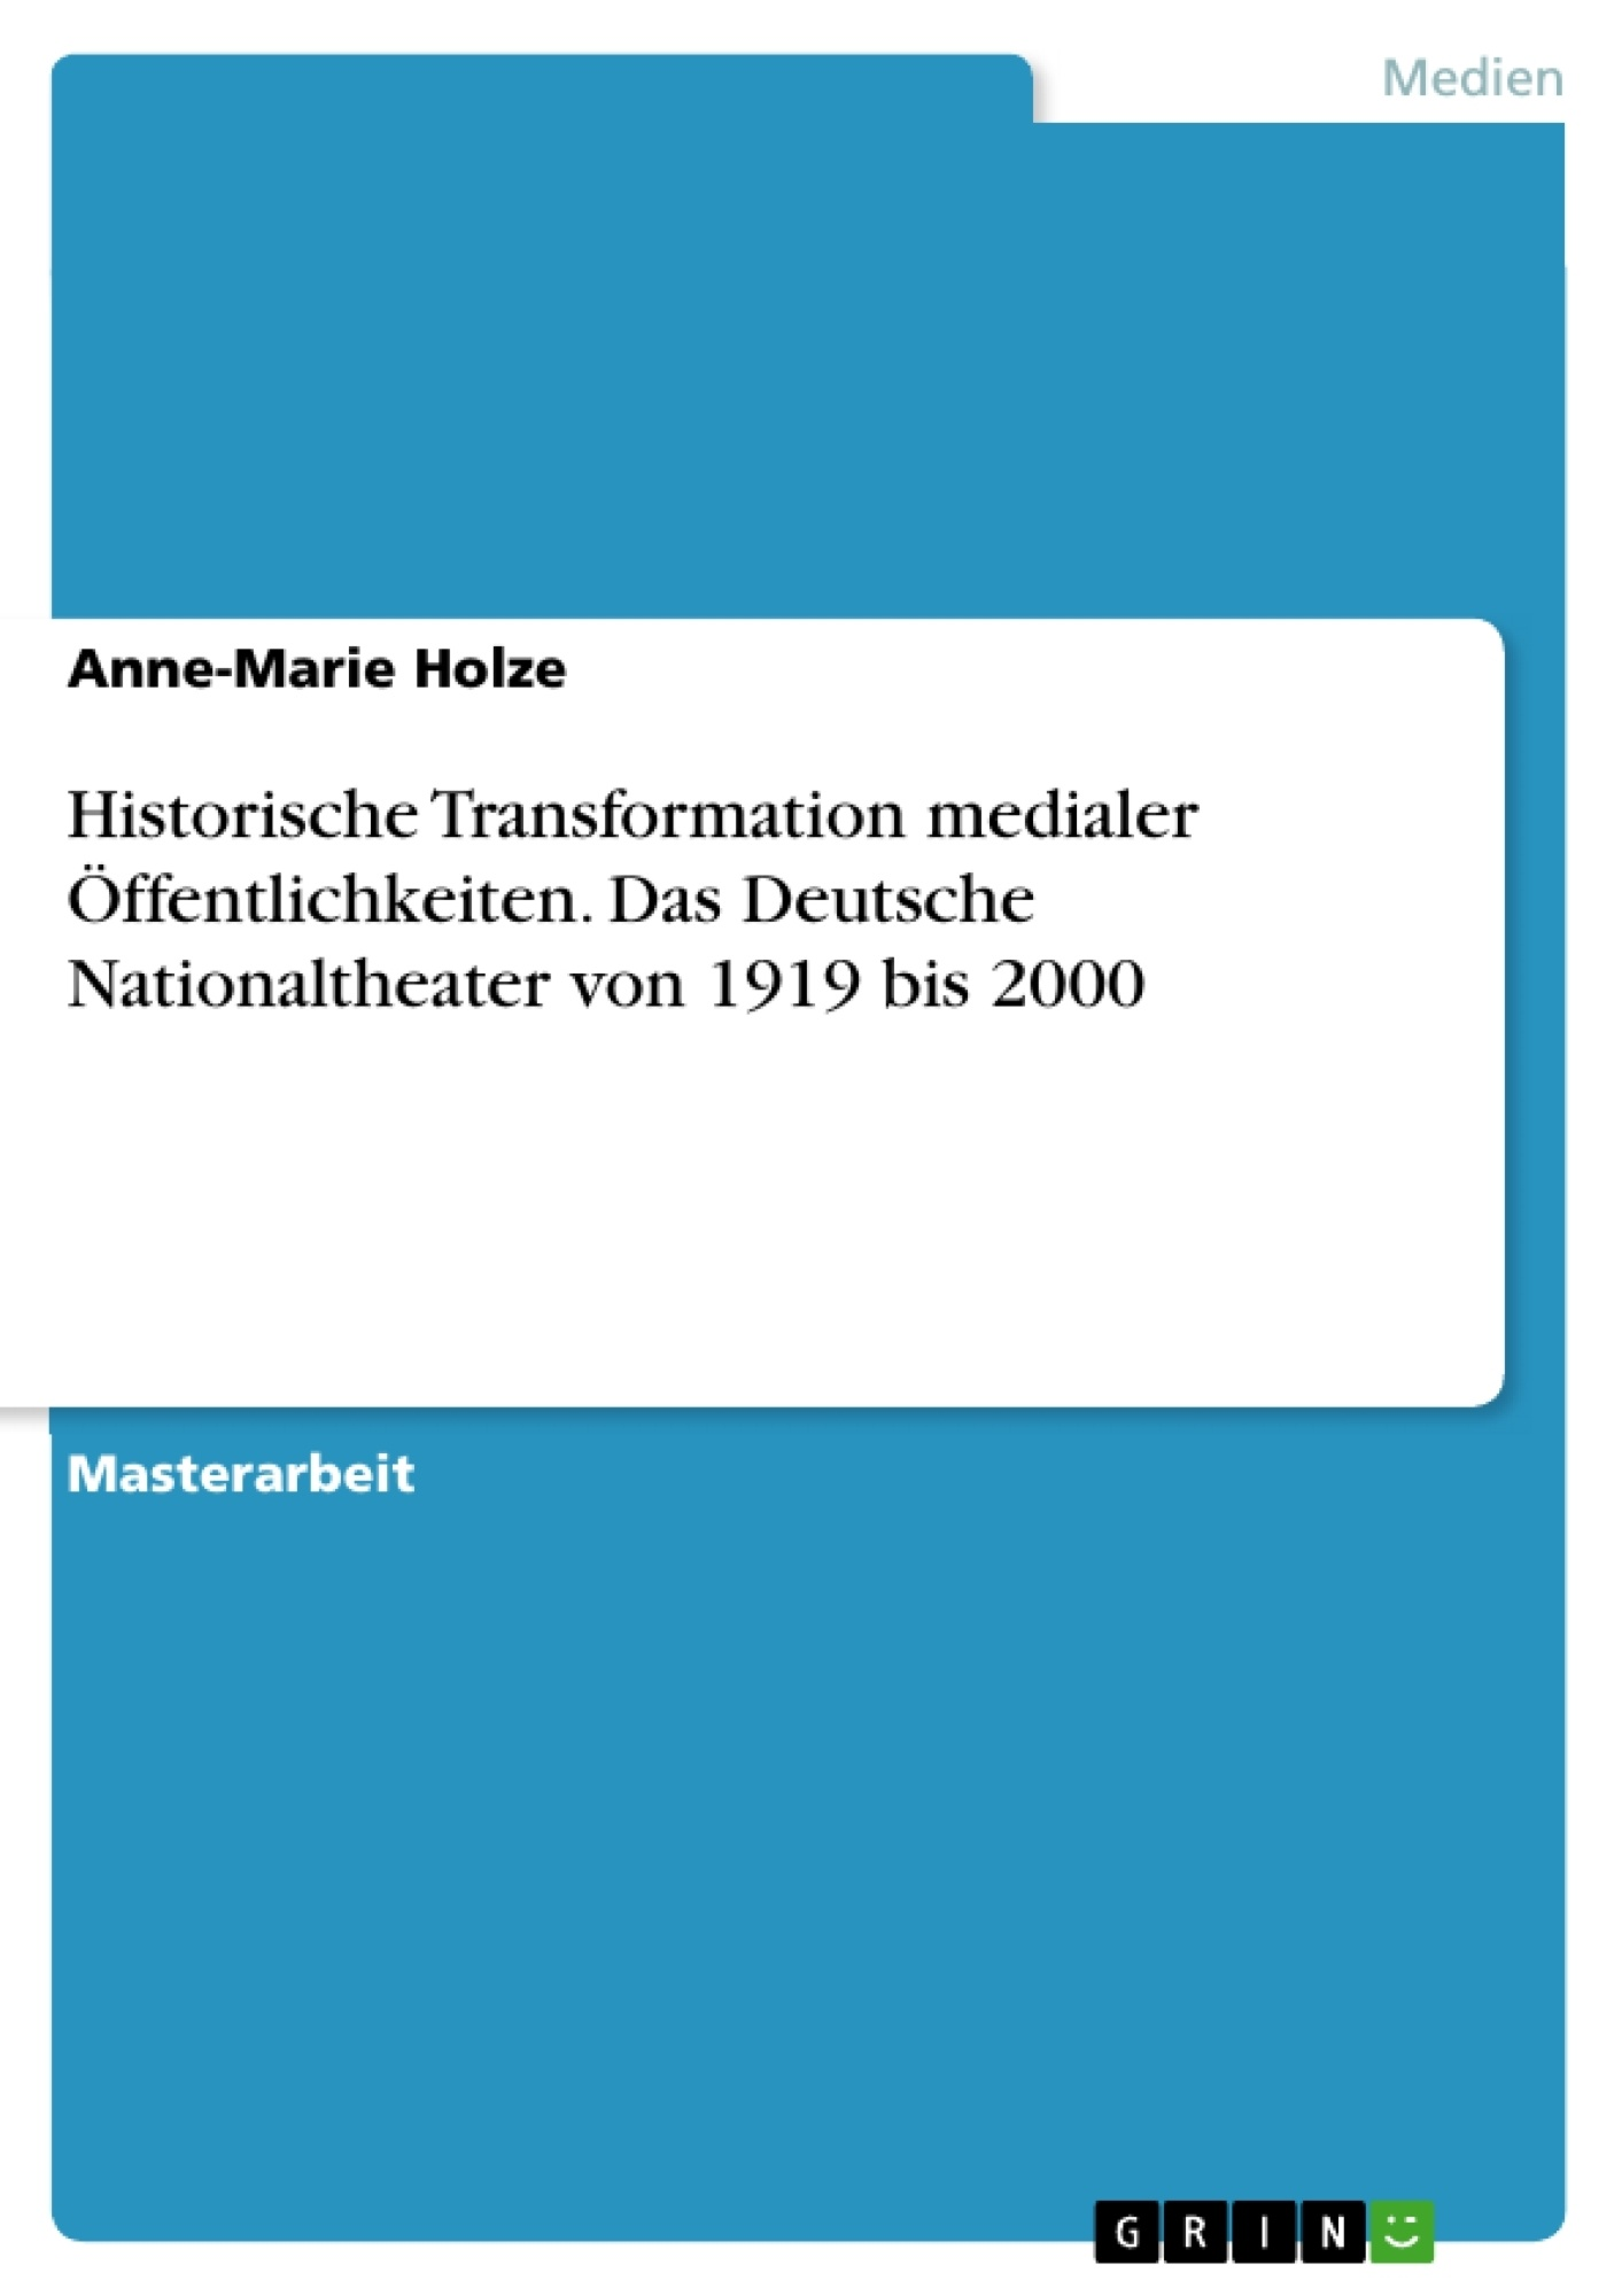 Titel: Historische Transformation medialer Öffentlichkeiten. Das Deutsche Nationaltheater von 1919 bis 2000